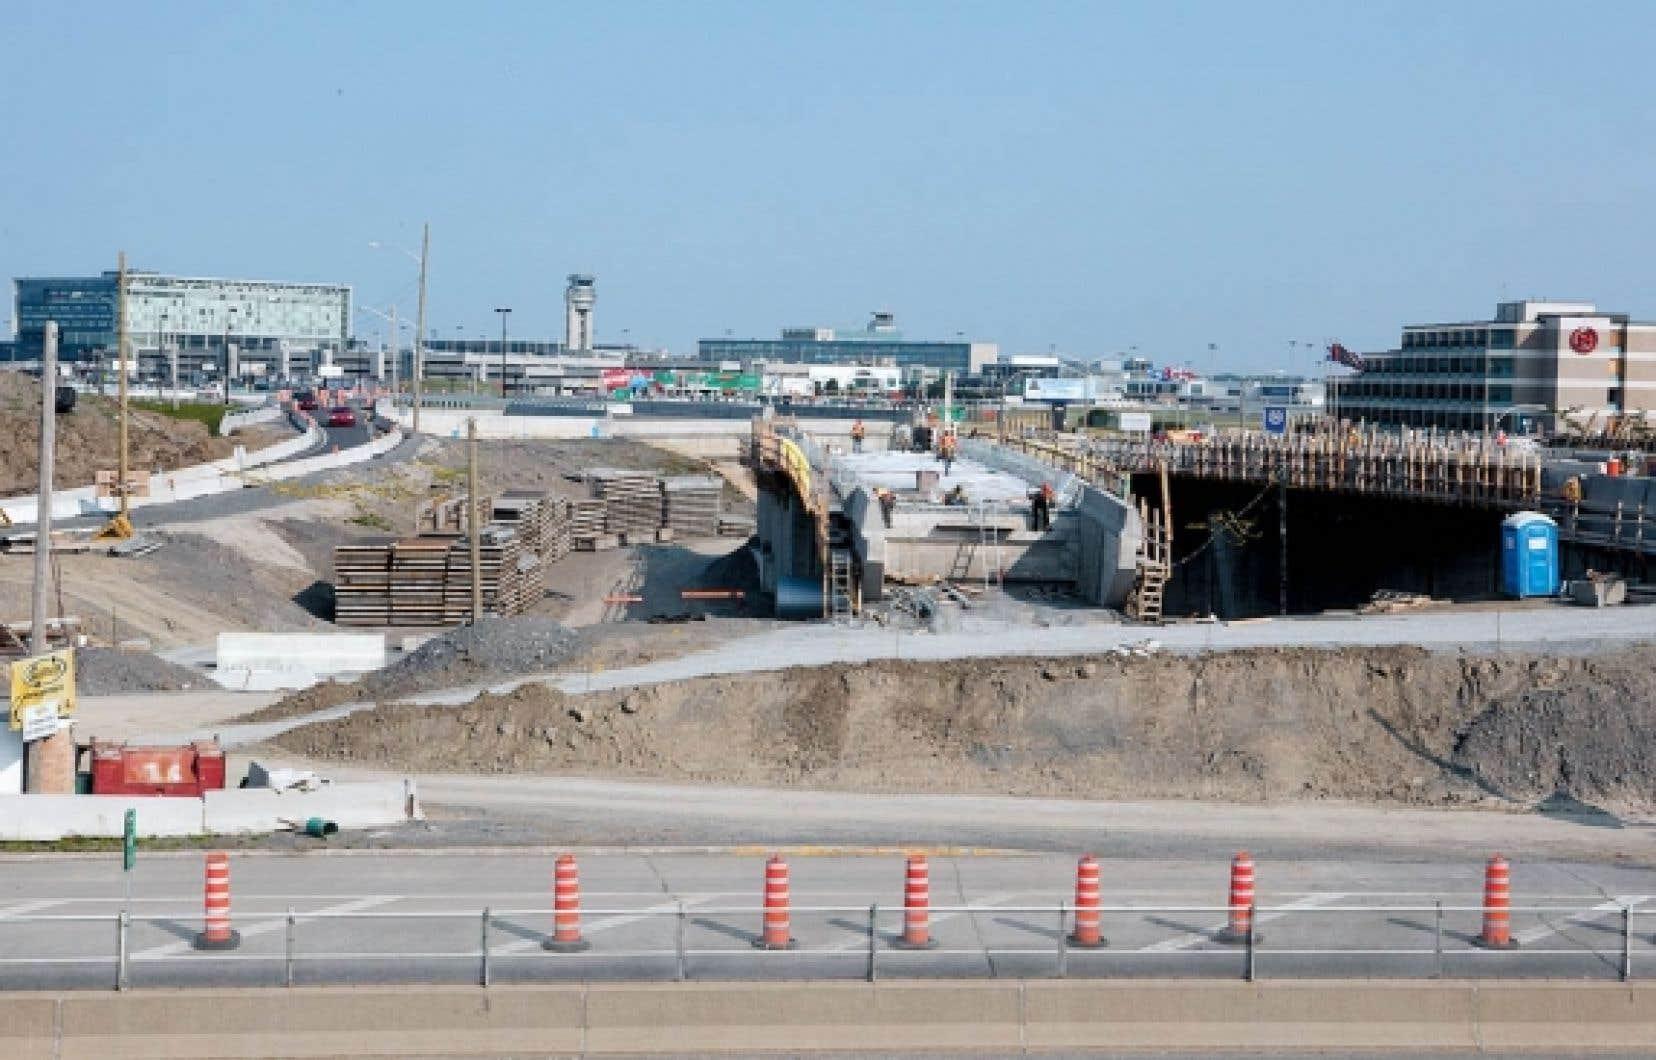 De vastes chantiers de construction jonchent les terrains &agrave; l&rsquo;a&eacute;roport Montr&eacute;al-Trudeau.<br />